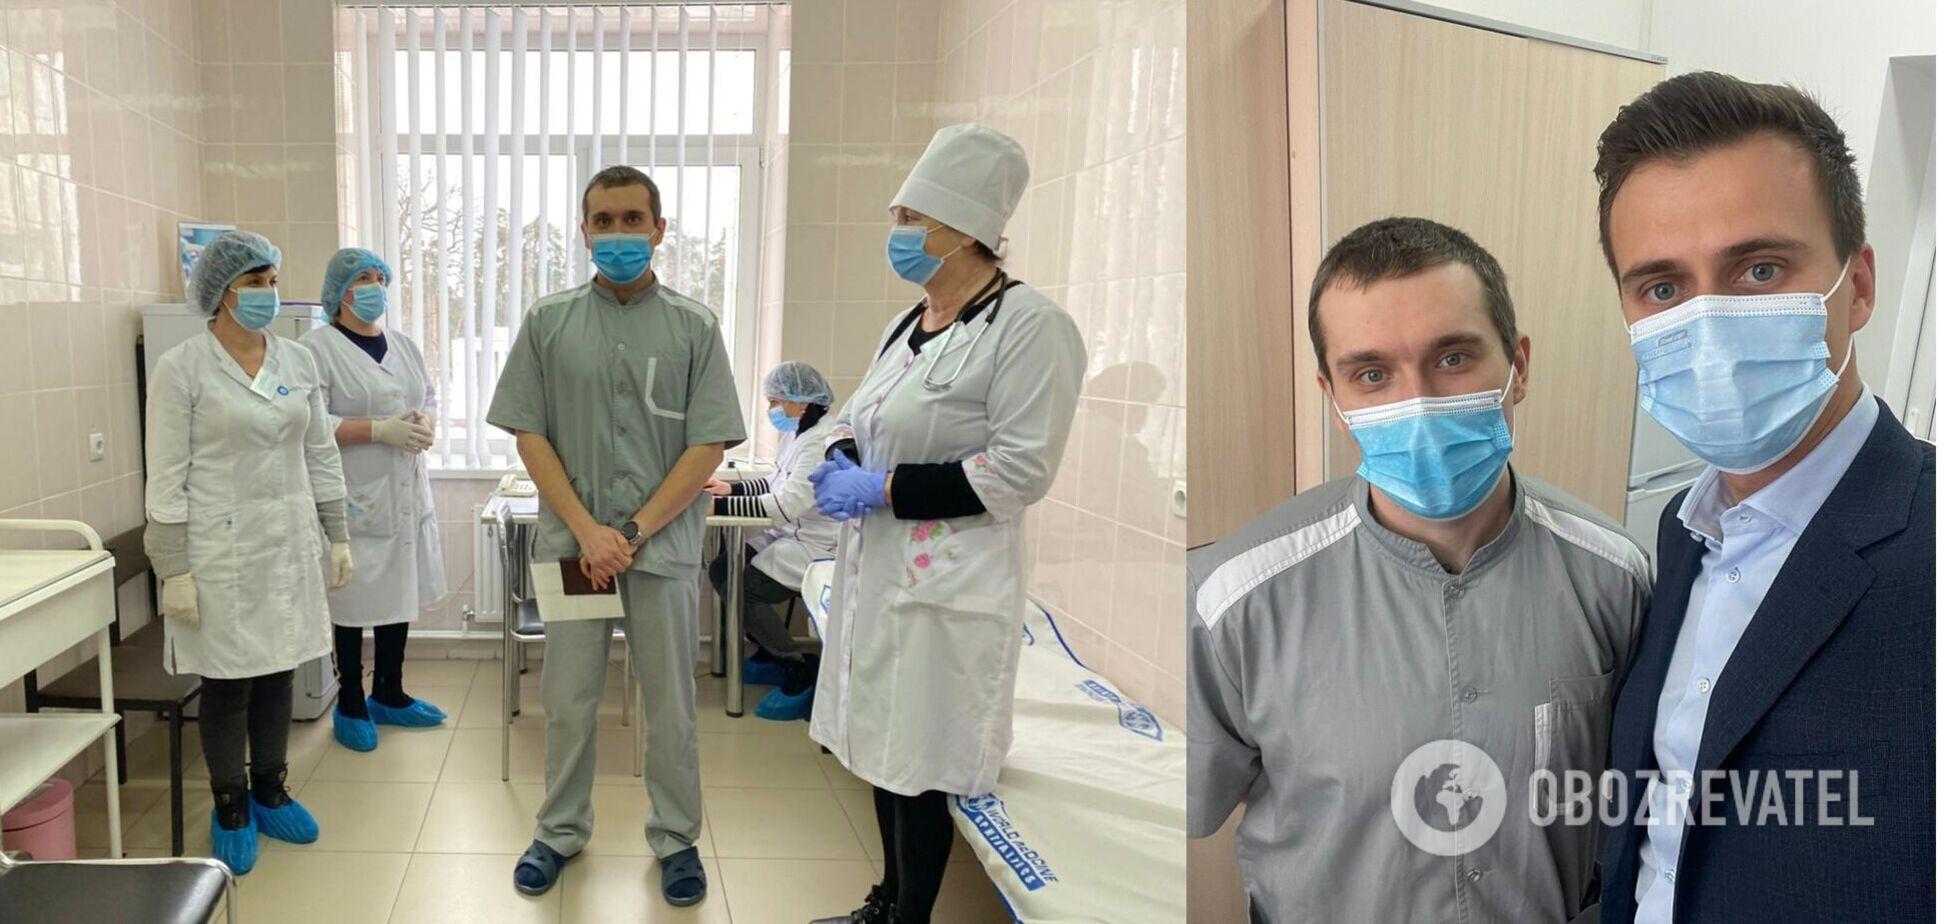 Первый вакцинированный против коронавируса украинец рассказал о самочувствии